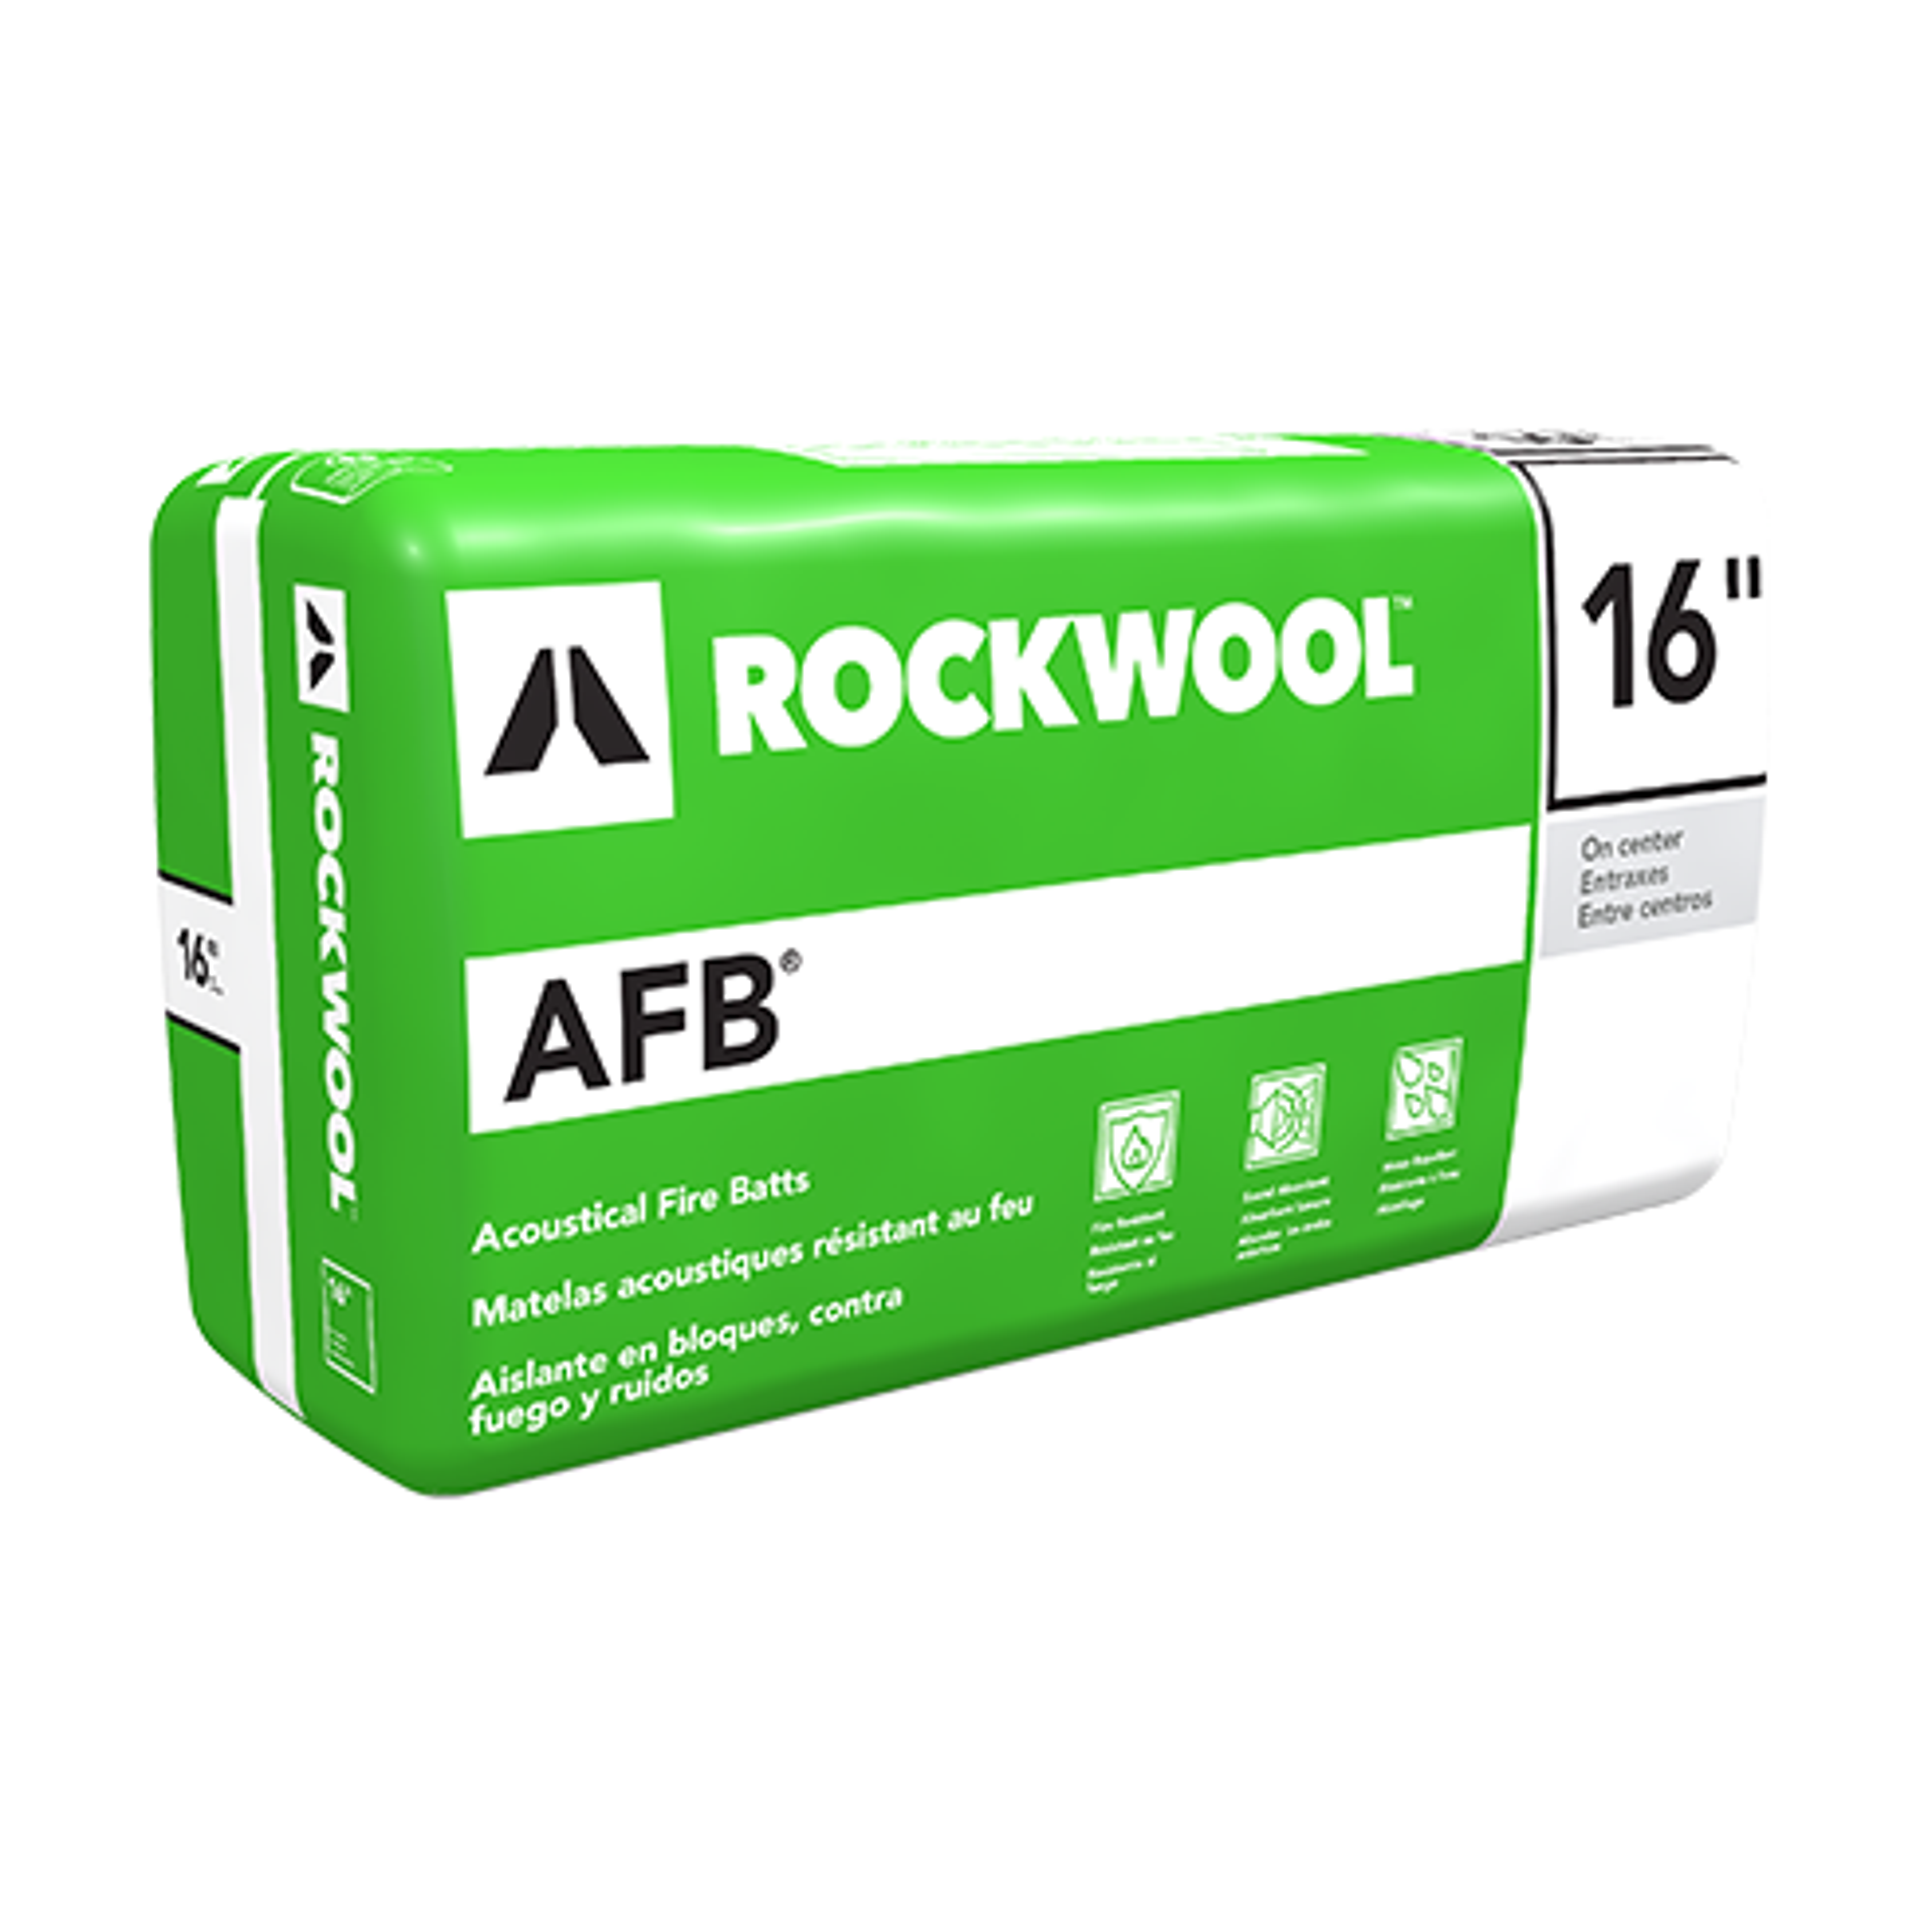 ROCKWOOL ROCKBOARD